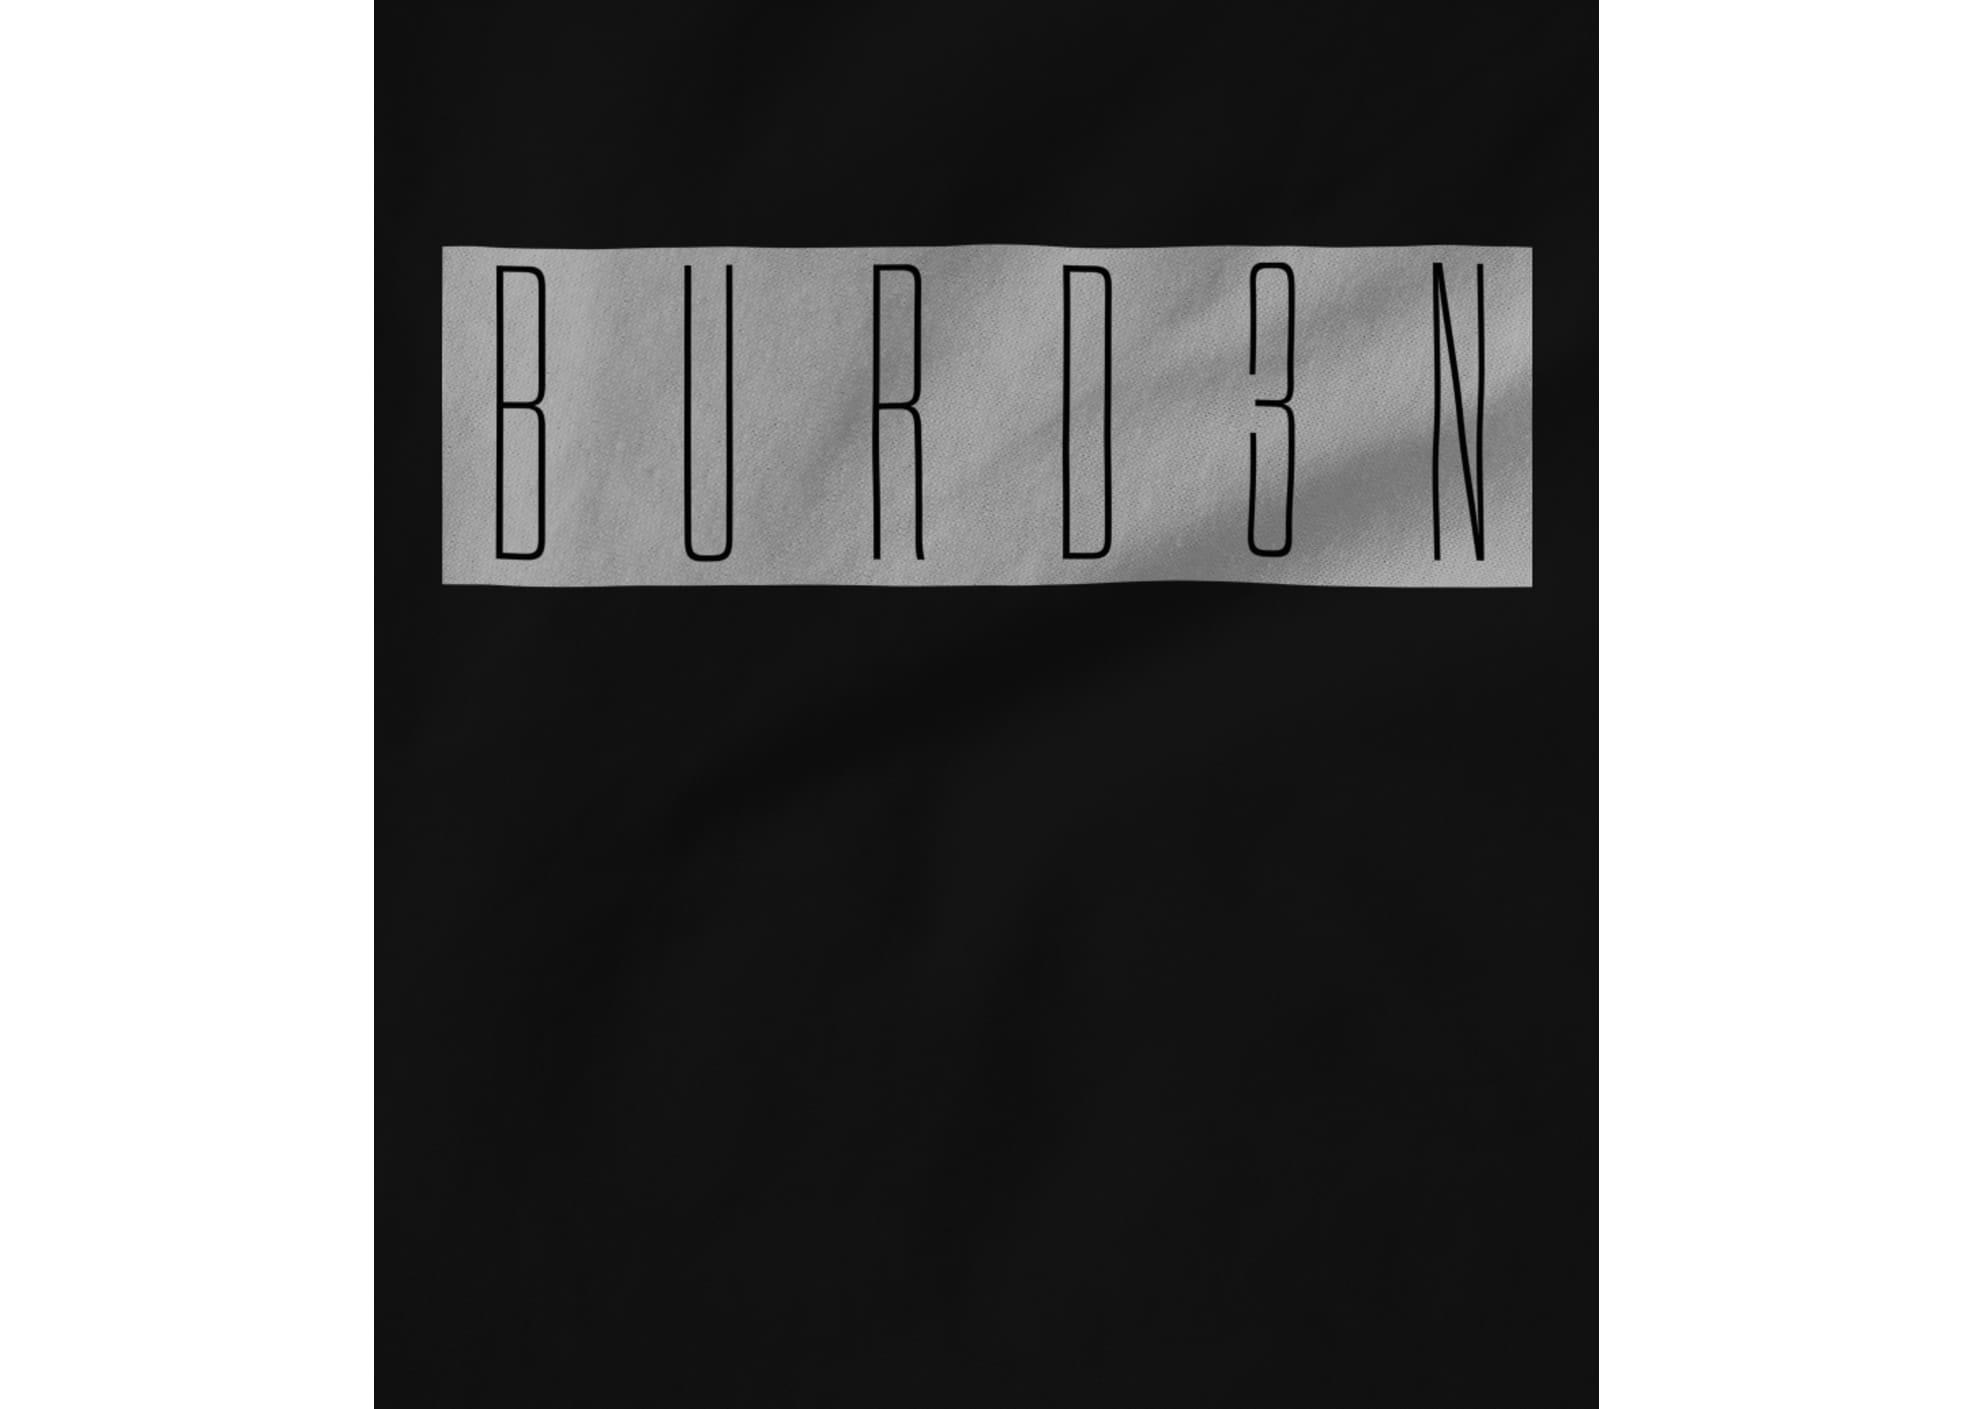 Burden of the sky burd3n   black 1585955447